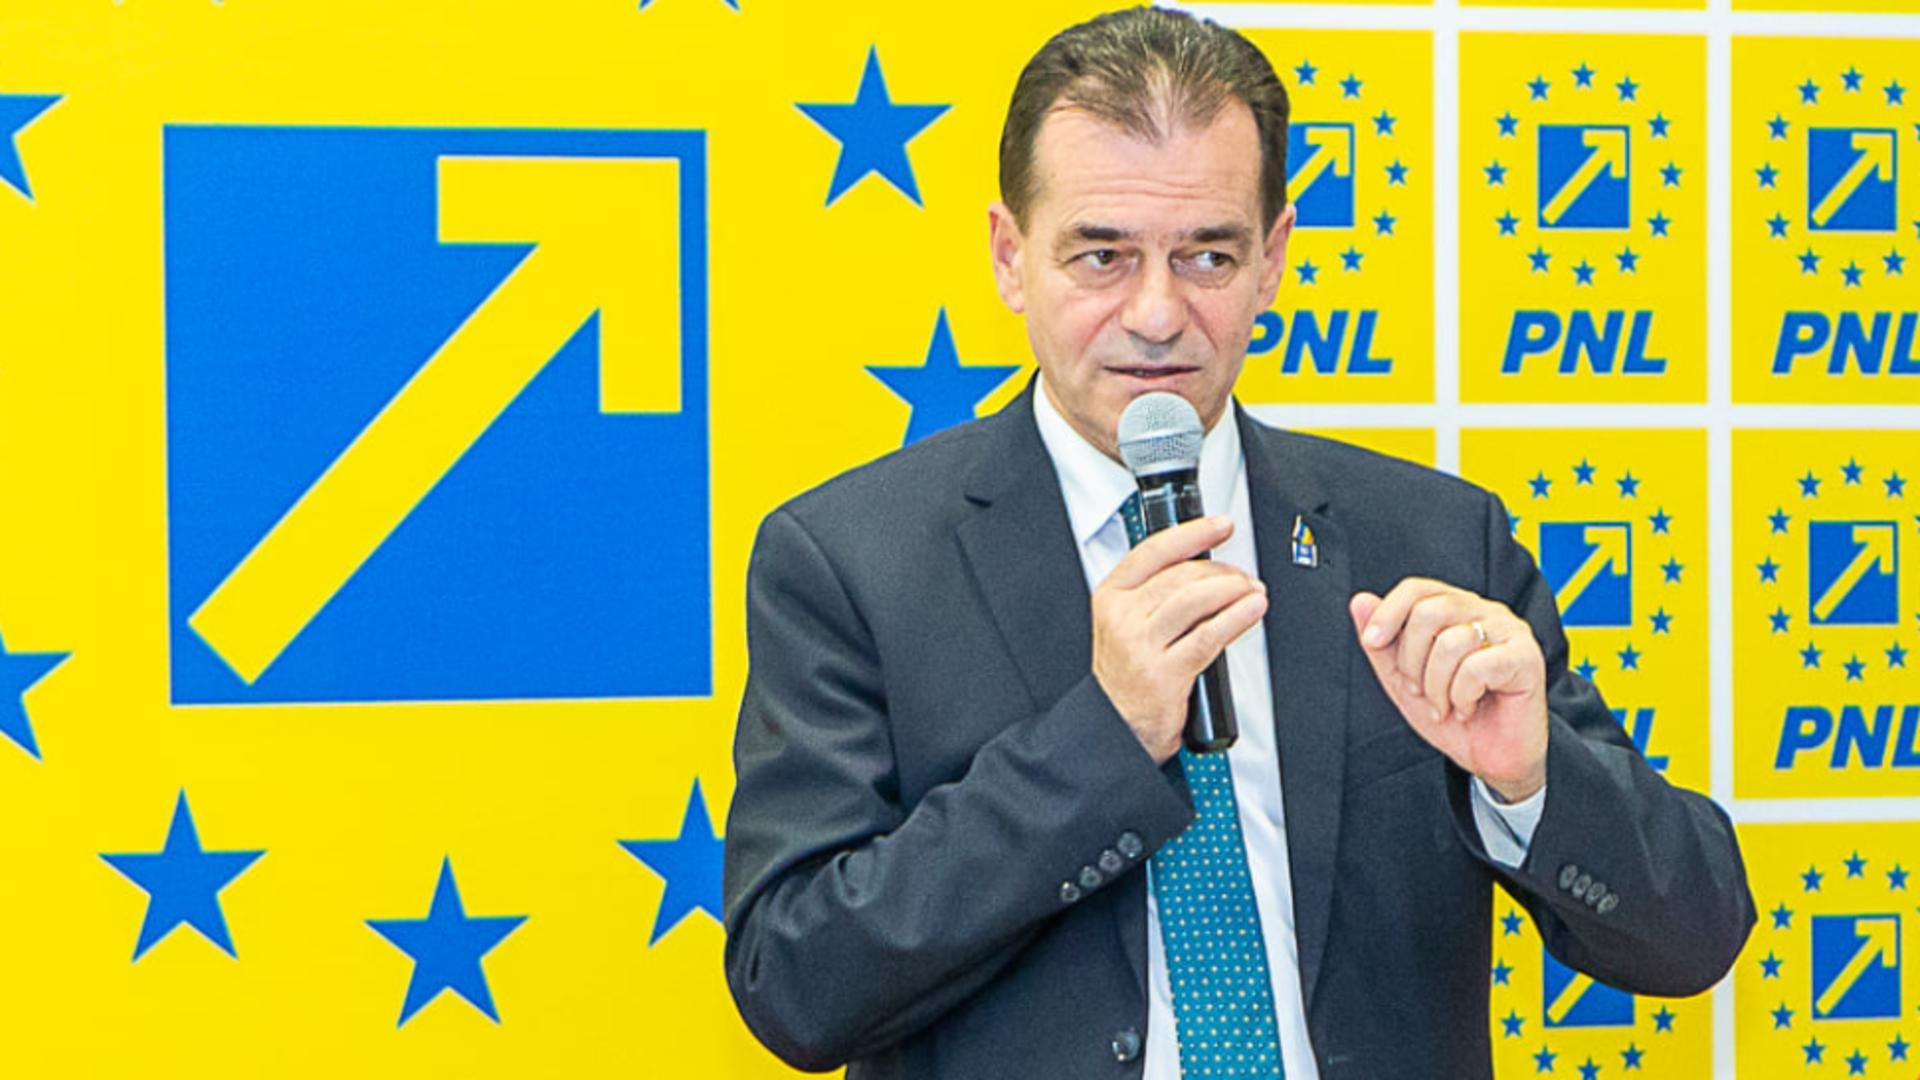 PNL, Ludovic Orban